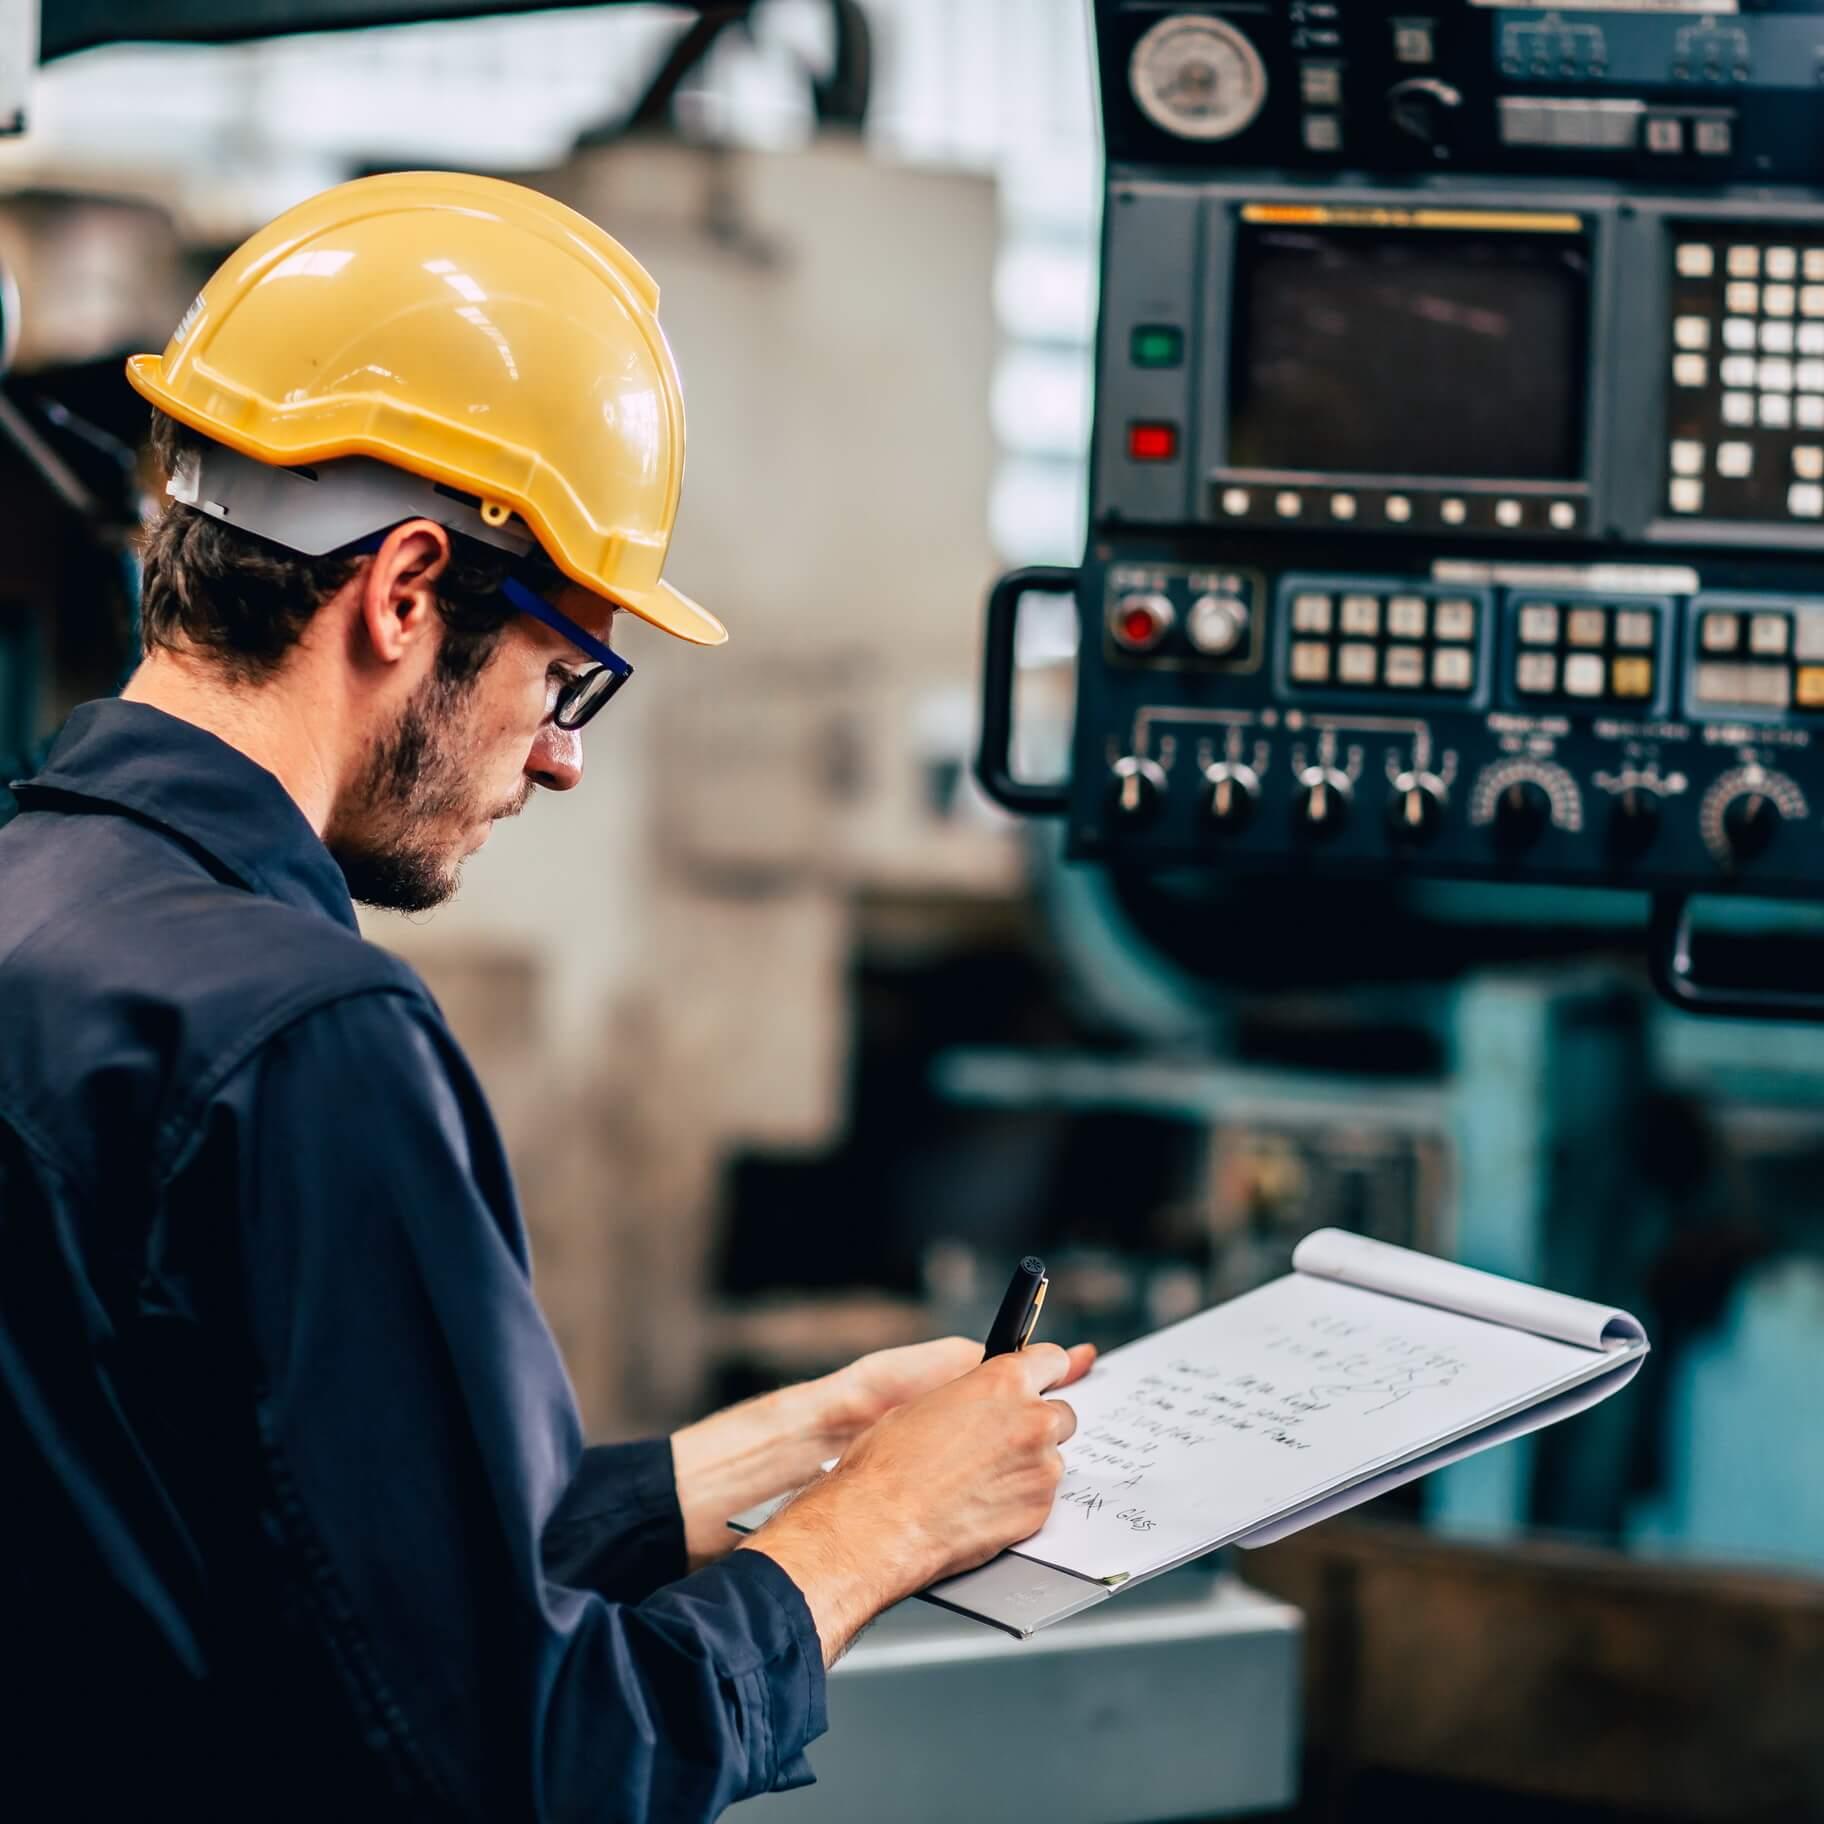 Detección de fiebre en el sector industrial y productivo